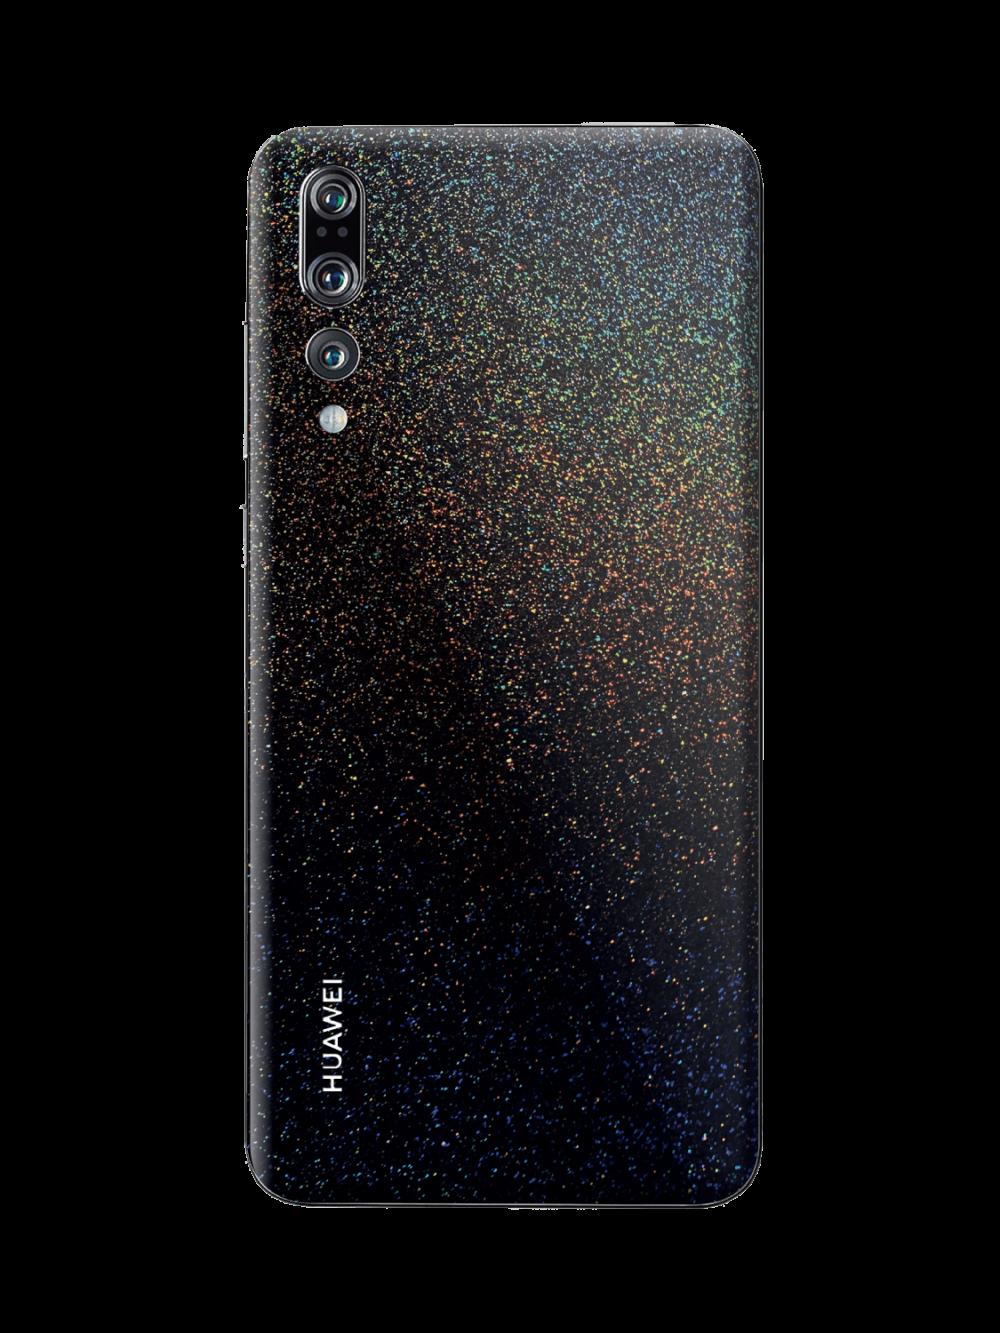 Cosmic morpheus glitter skin for Huawei P20 Pro